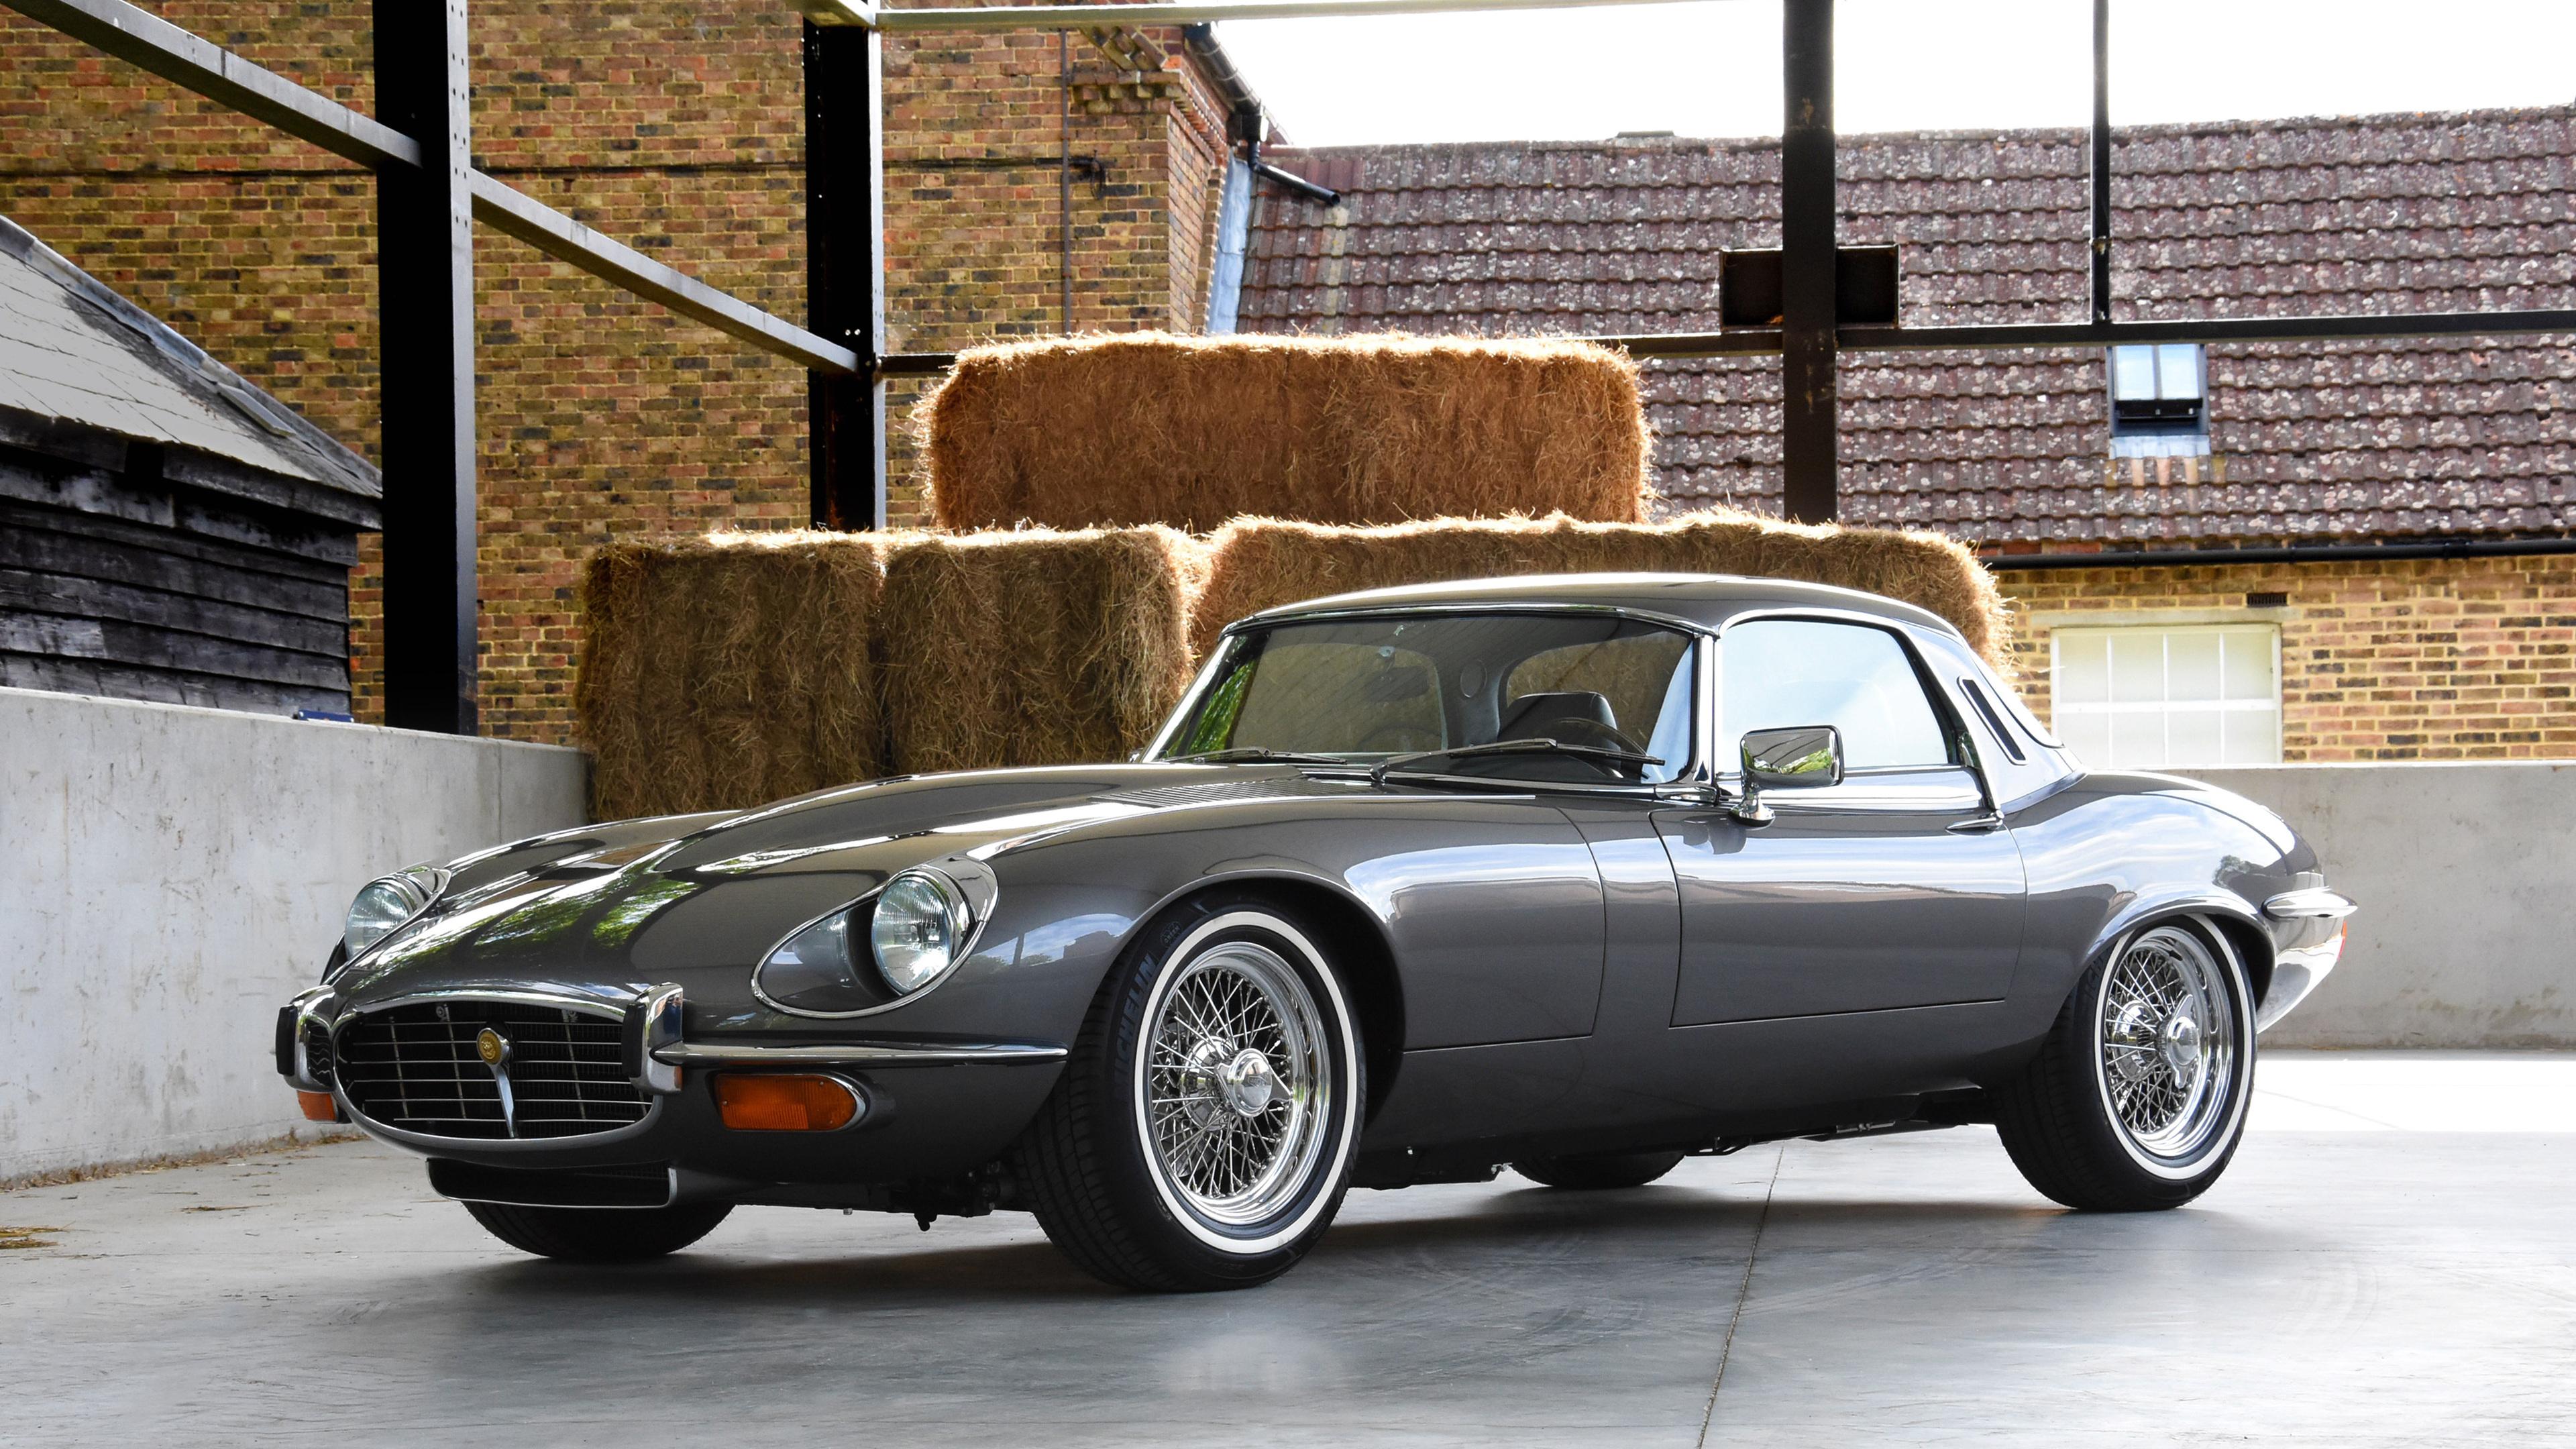 e type uk jaguar s3 v12 2018 front 1539113647 - E Type UK Jaguar S3 V12 2018 Front - jaguar wallpapers, hd-wallpapers, cars wallpapers, 4k-wallpapers, 2018 cars wallpapers